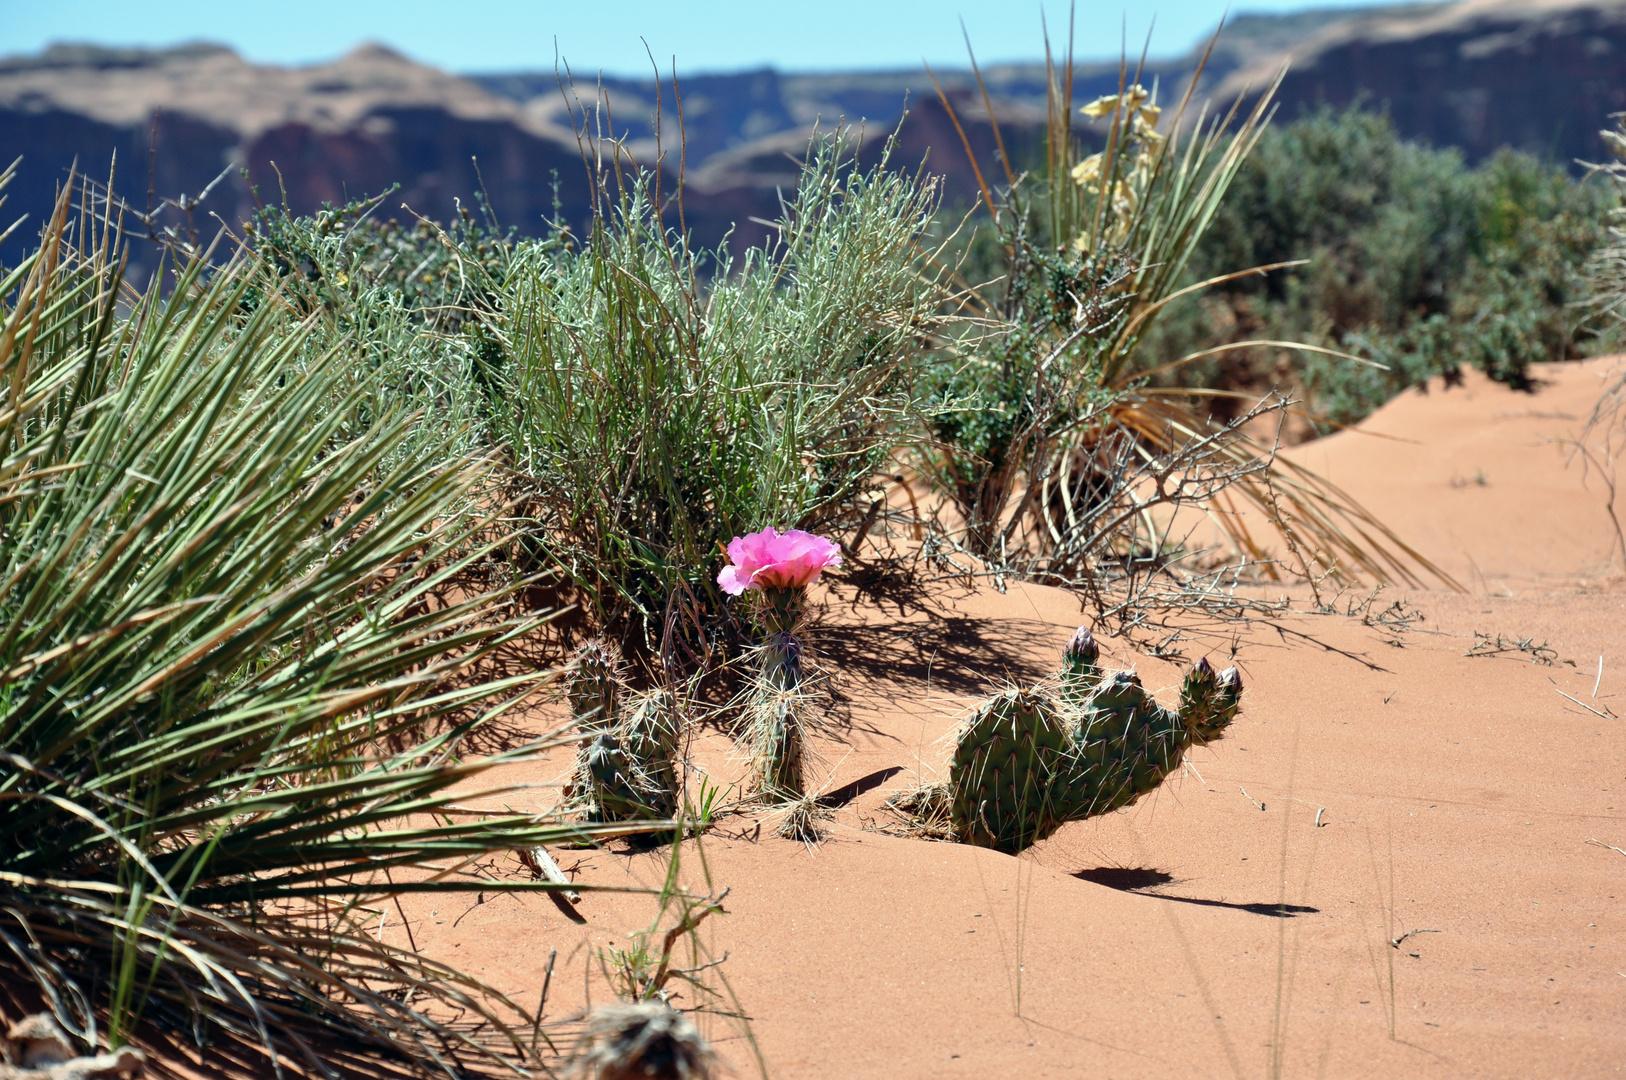 ....die Wüste kann so wunderschön sein!